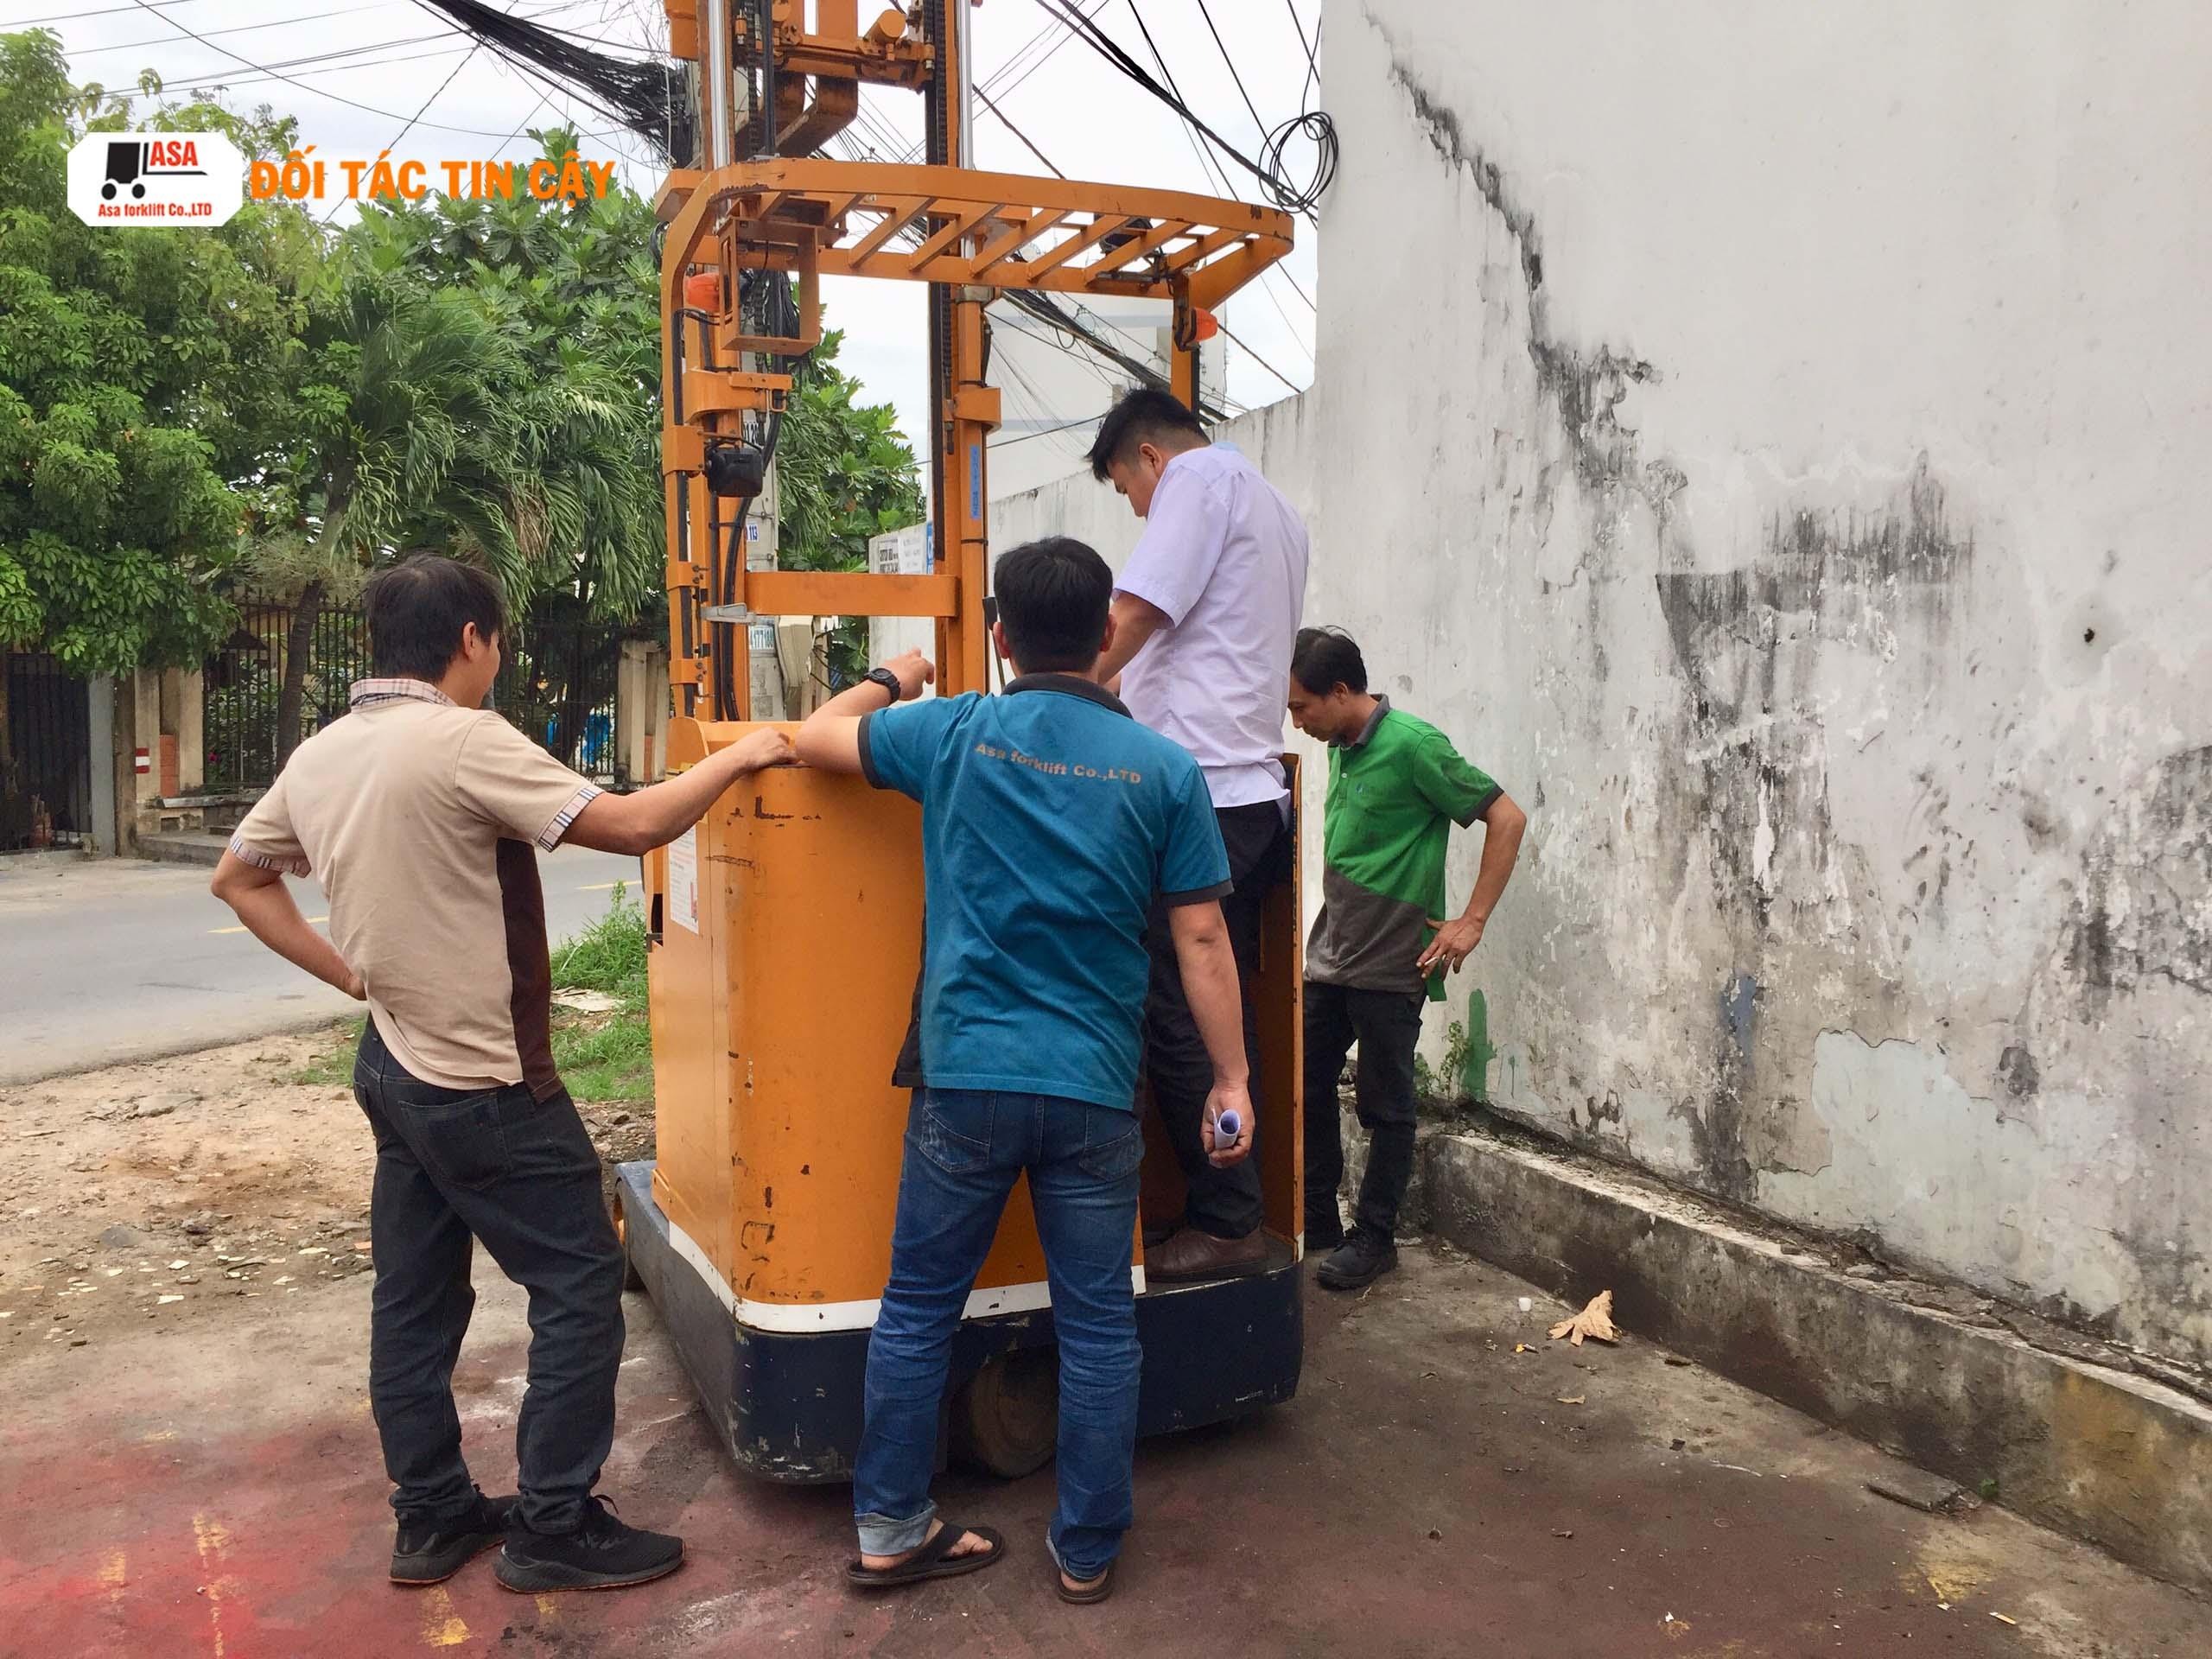 Sửa xe nâng hàng là giải pháp hàng đầu cho các doanh nghiệp tại TP. HCM